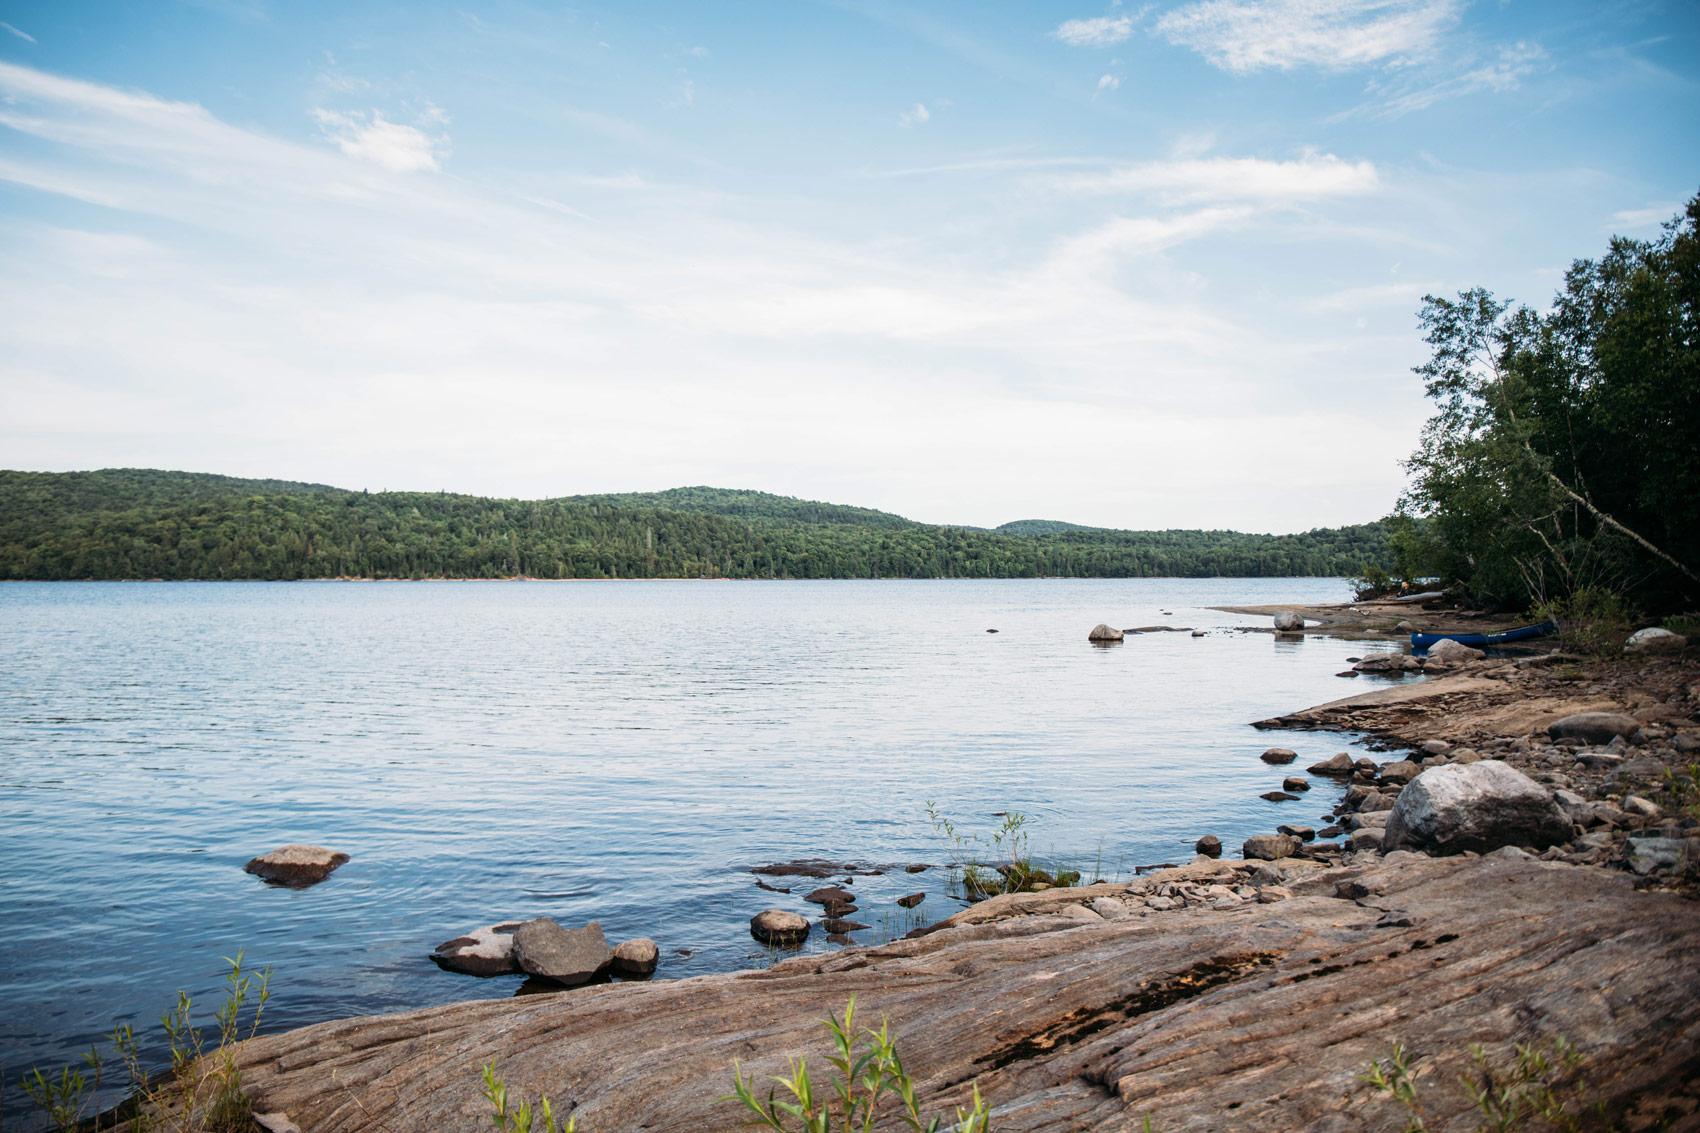 paysages du parc régional Kiamika